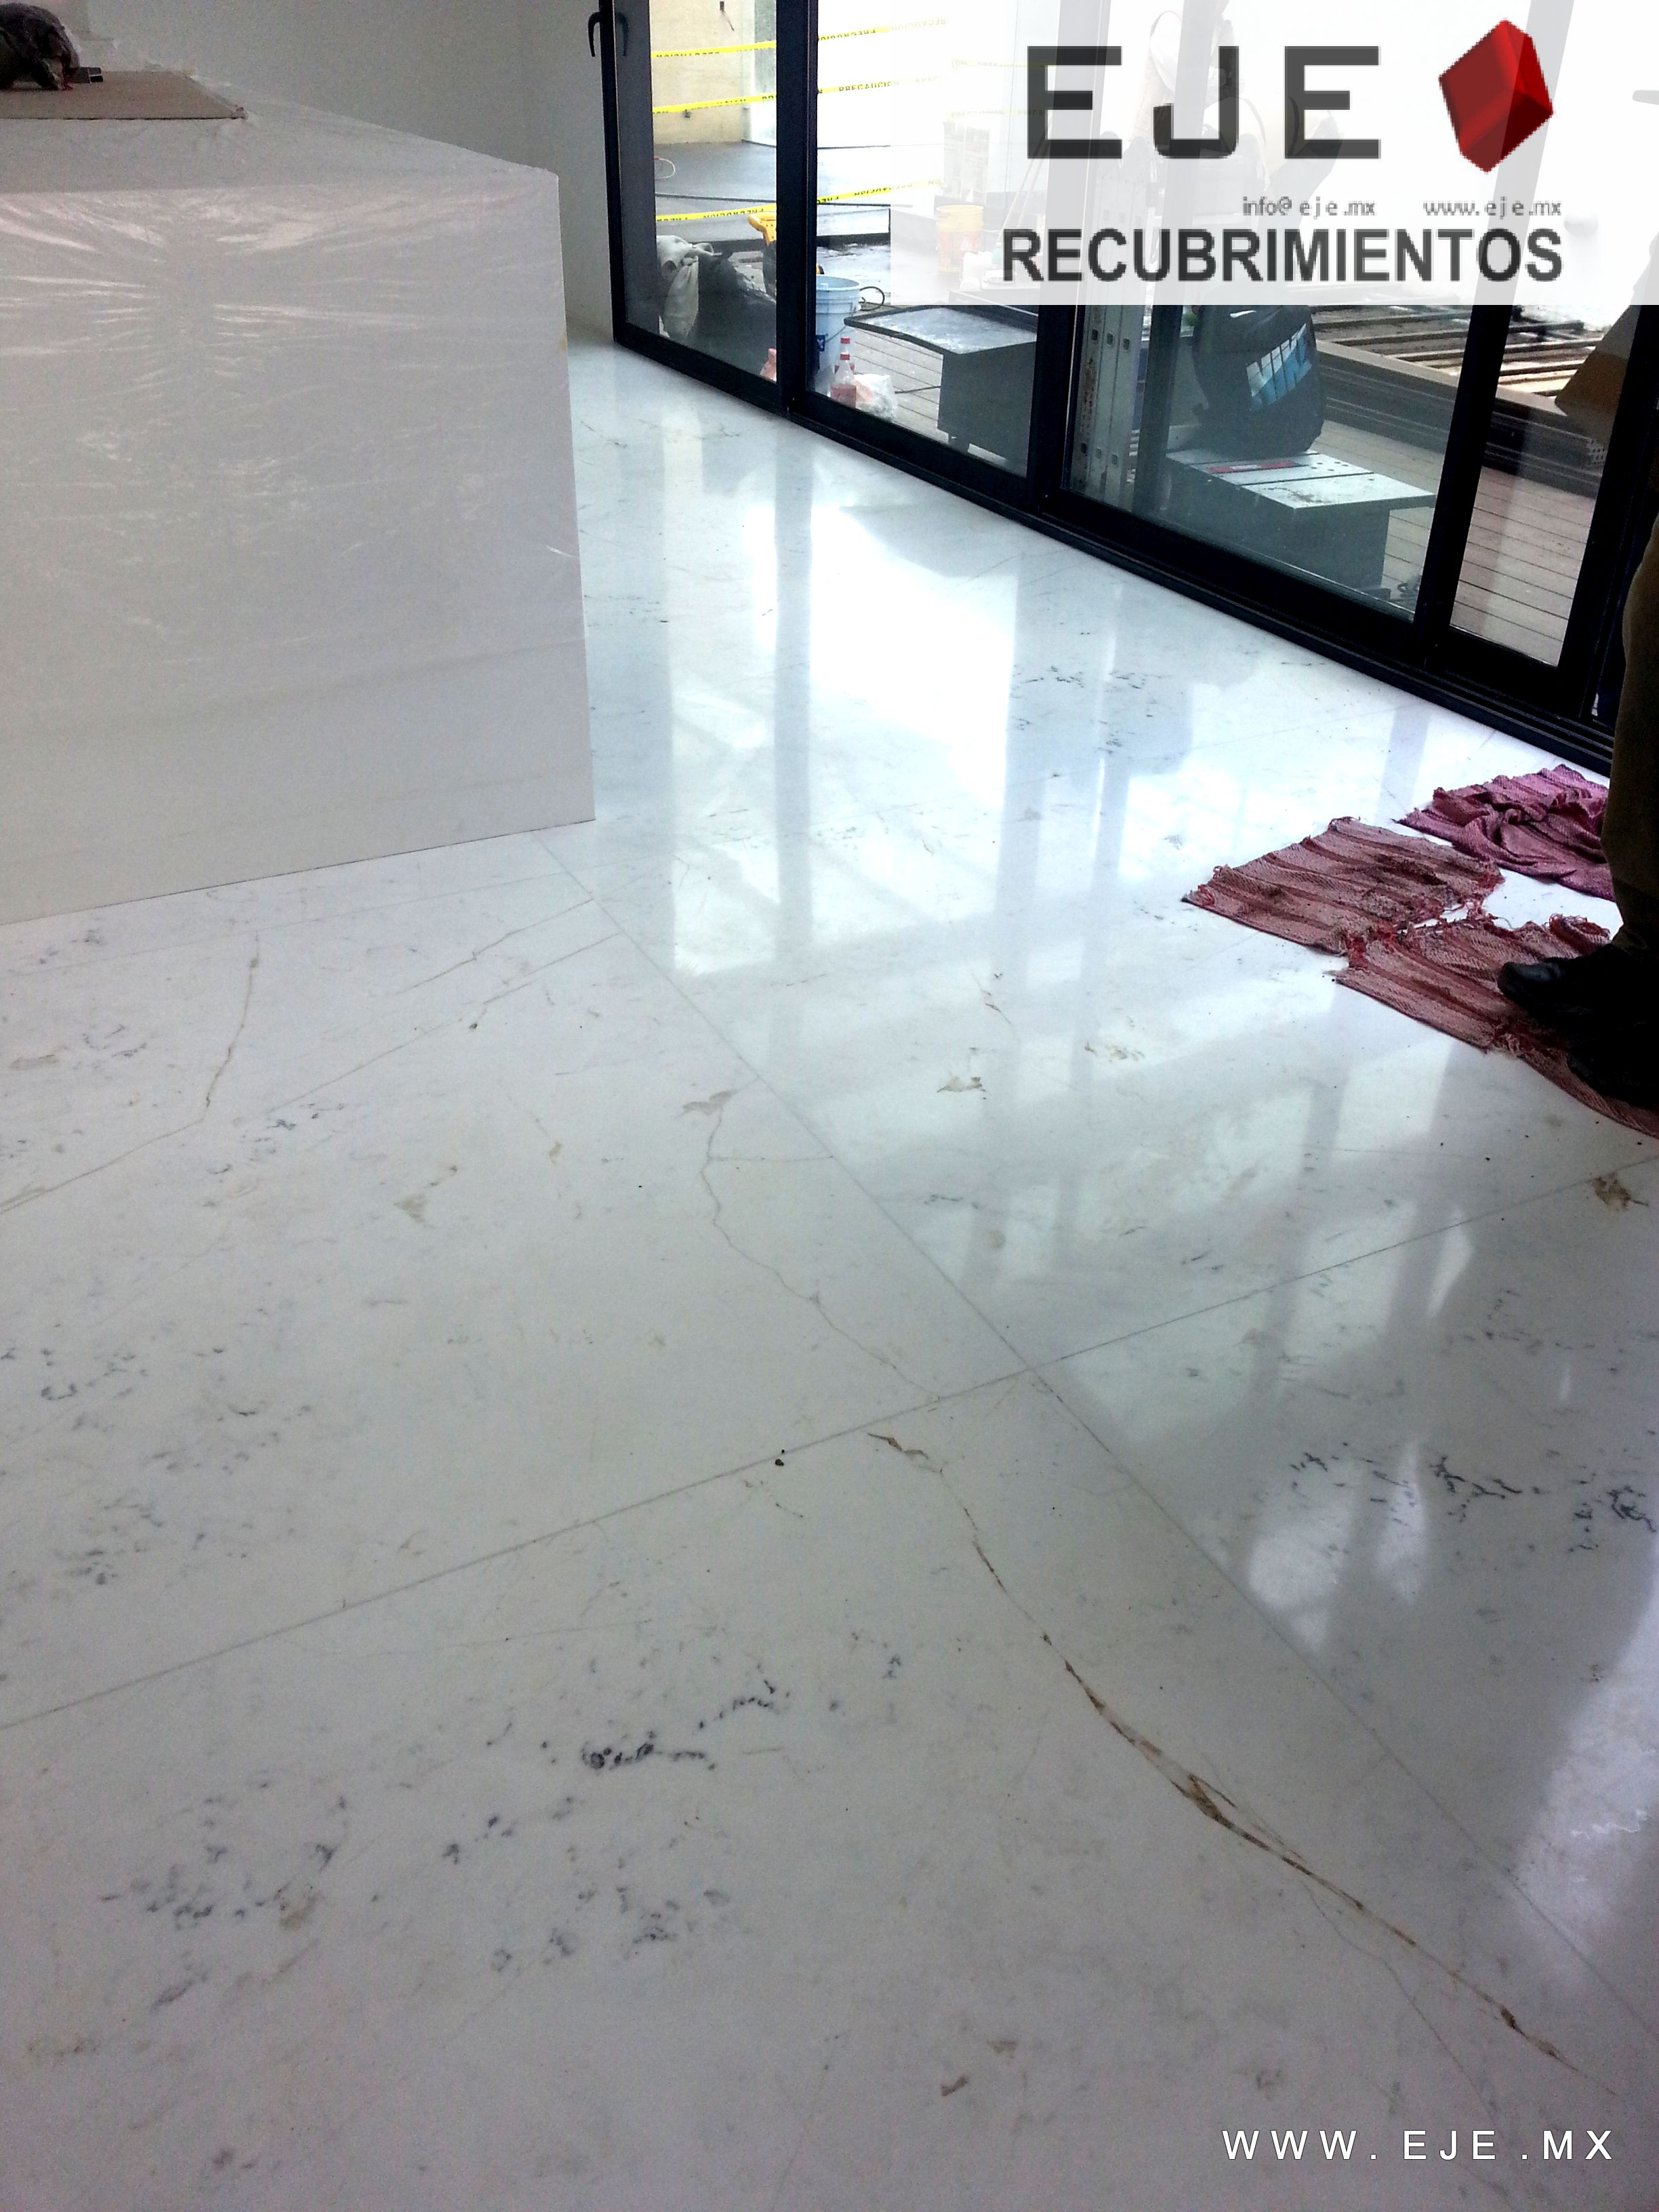 Eje recubrimientos obra hacienda vallescondido piso de for Cera para pisos de marmol